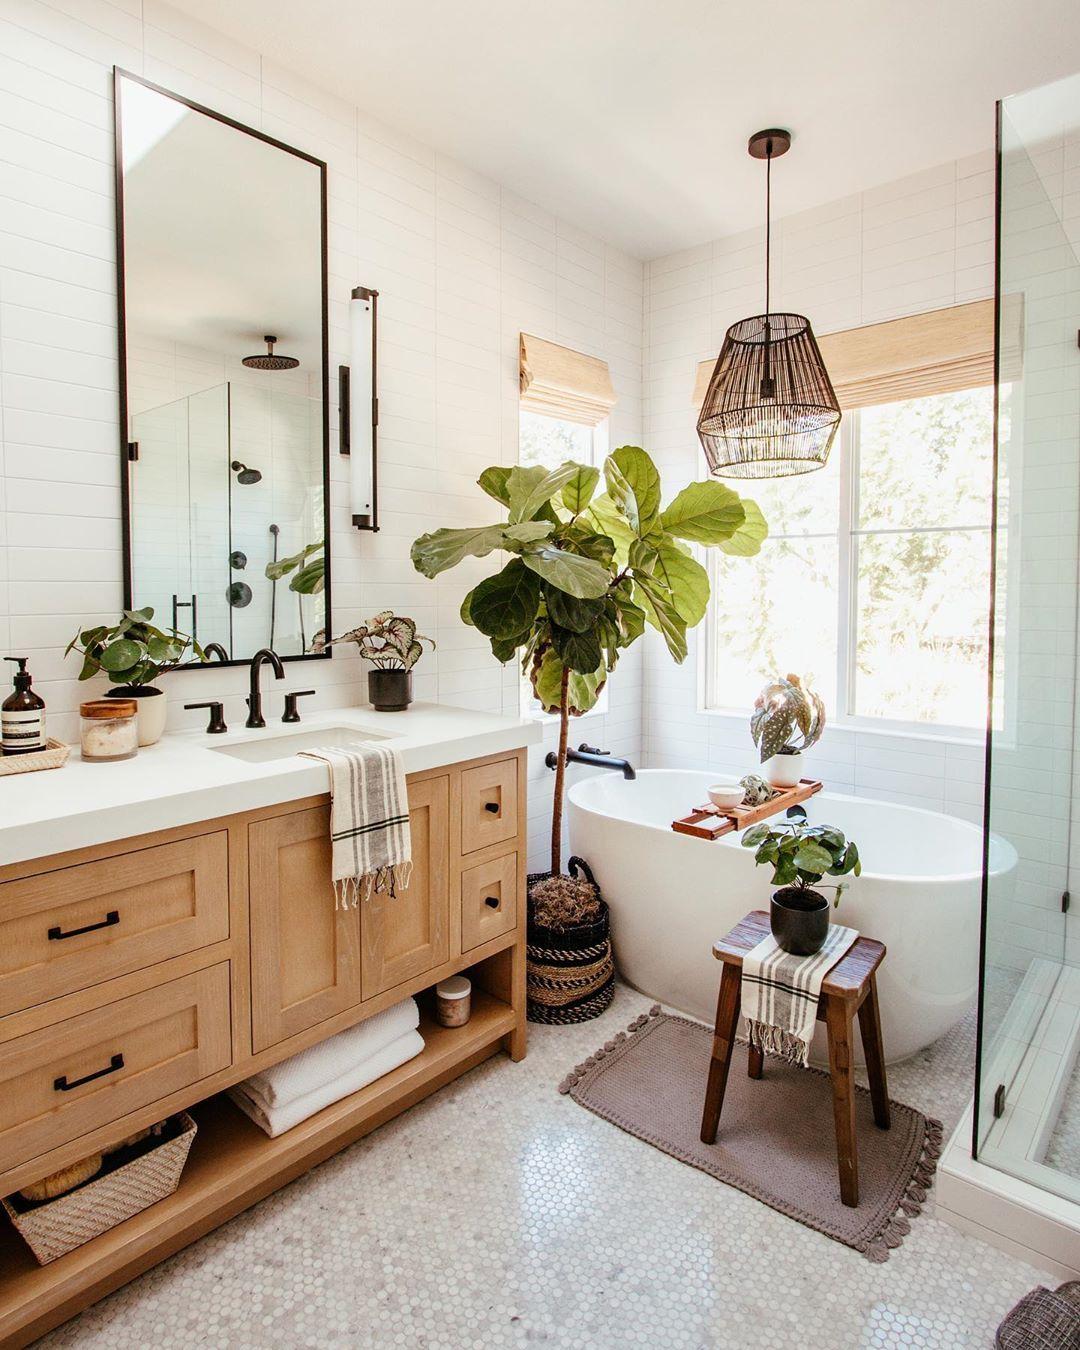 California Casual Bathroom In 2020 Eclectic Bathroom Bathroom Interior Master Bathroom Renovation